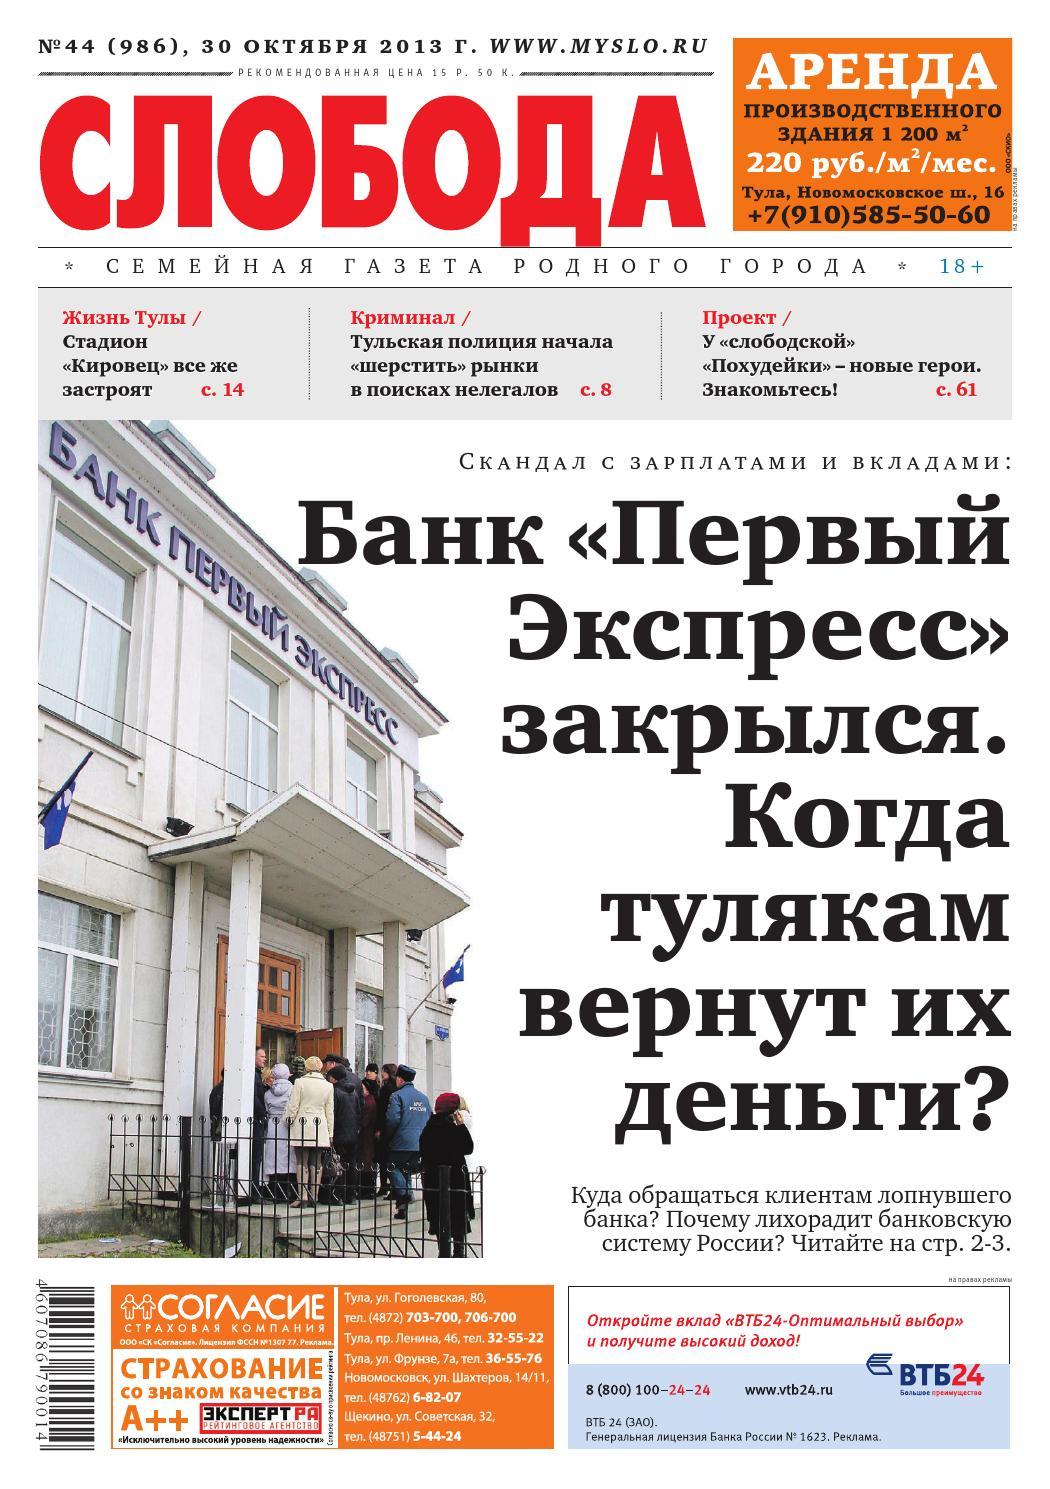 Андрей взял в банке кредит 1500000 рублей на три года при условии долг будет возвращаться